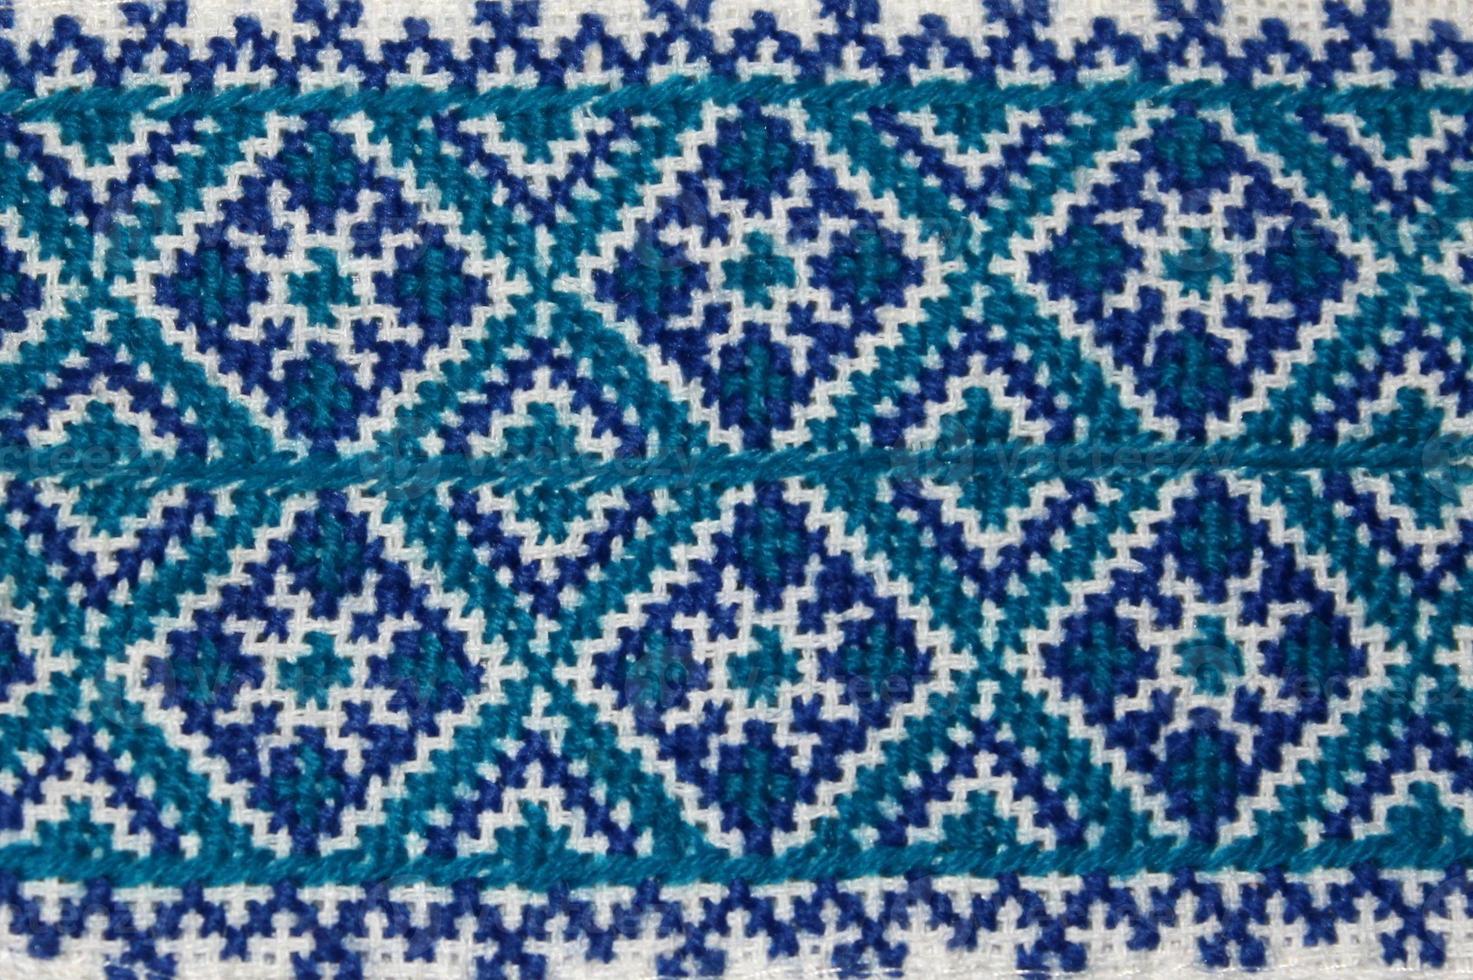 Gros plan du morceau de chemise de broderie ukrainienne bleu fait maison photo